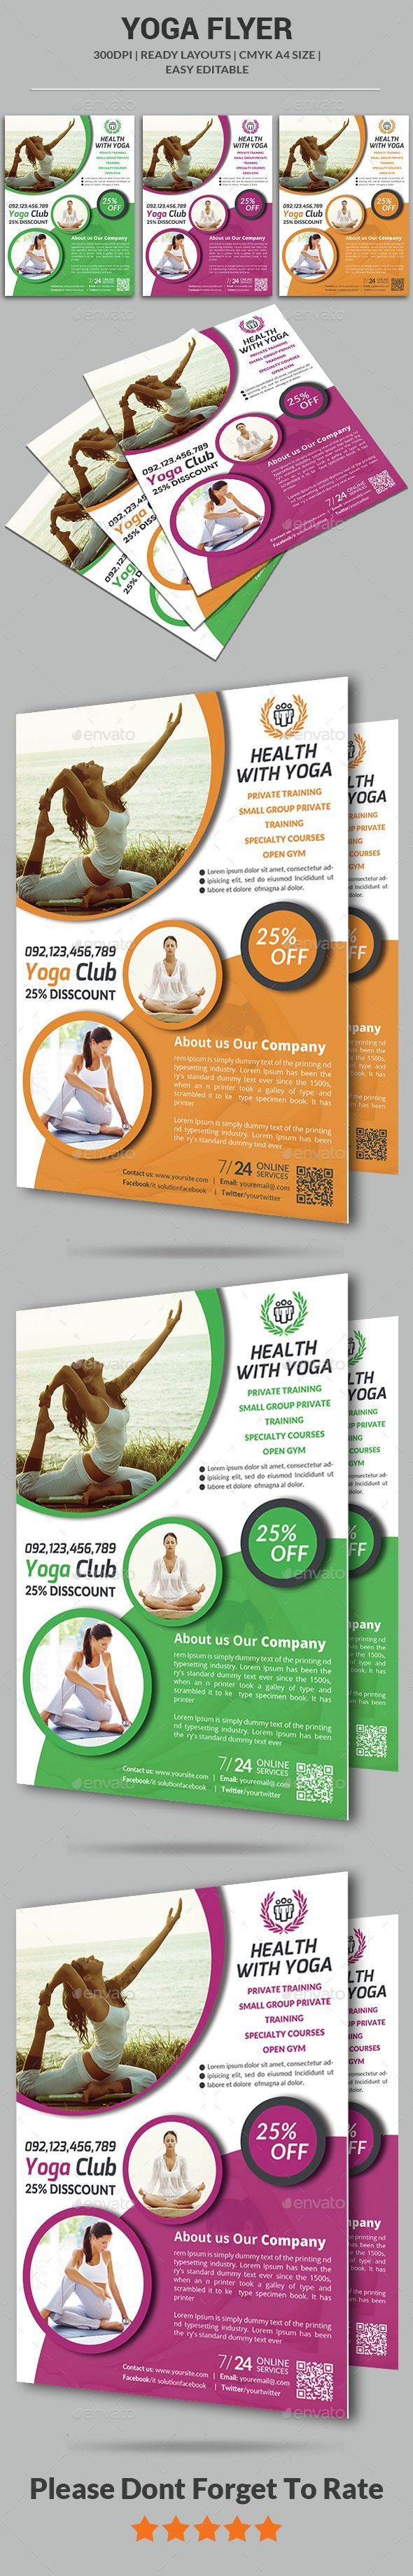 Best Yoga Flyer Images On   Yoga Flyer Flyer Design